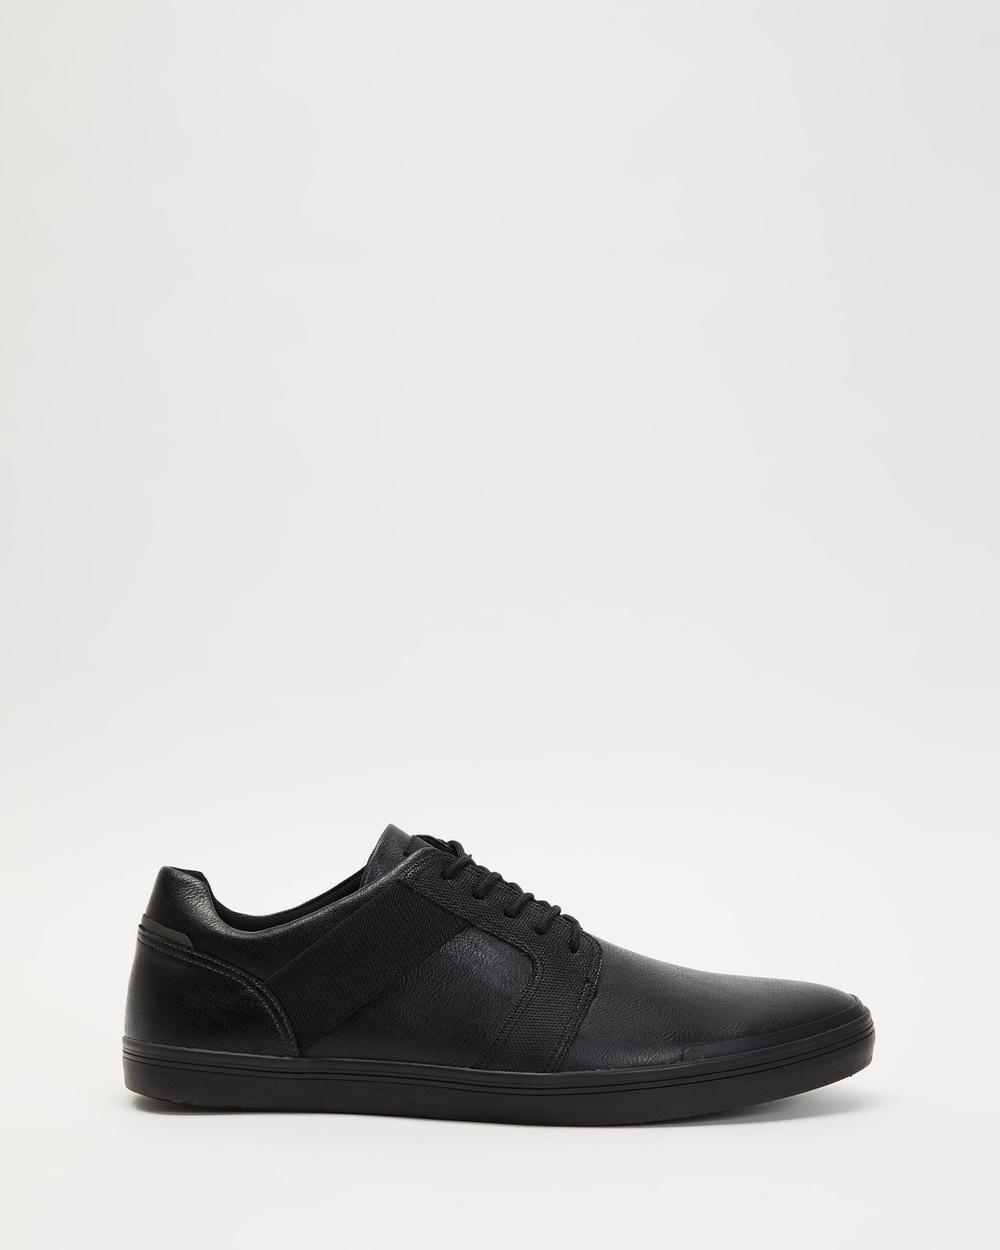 ALDO Sevoiwiel Sneakers Casual Shoes Black